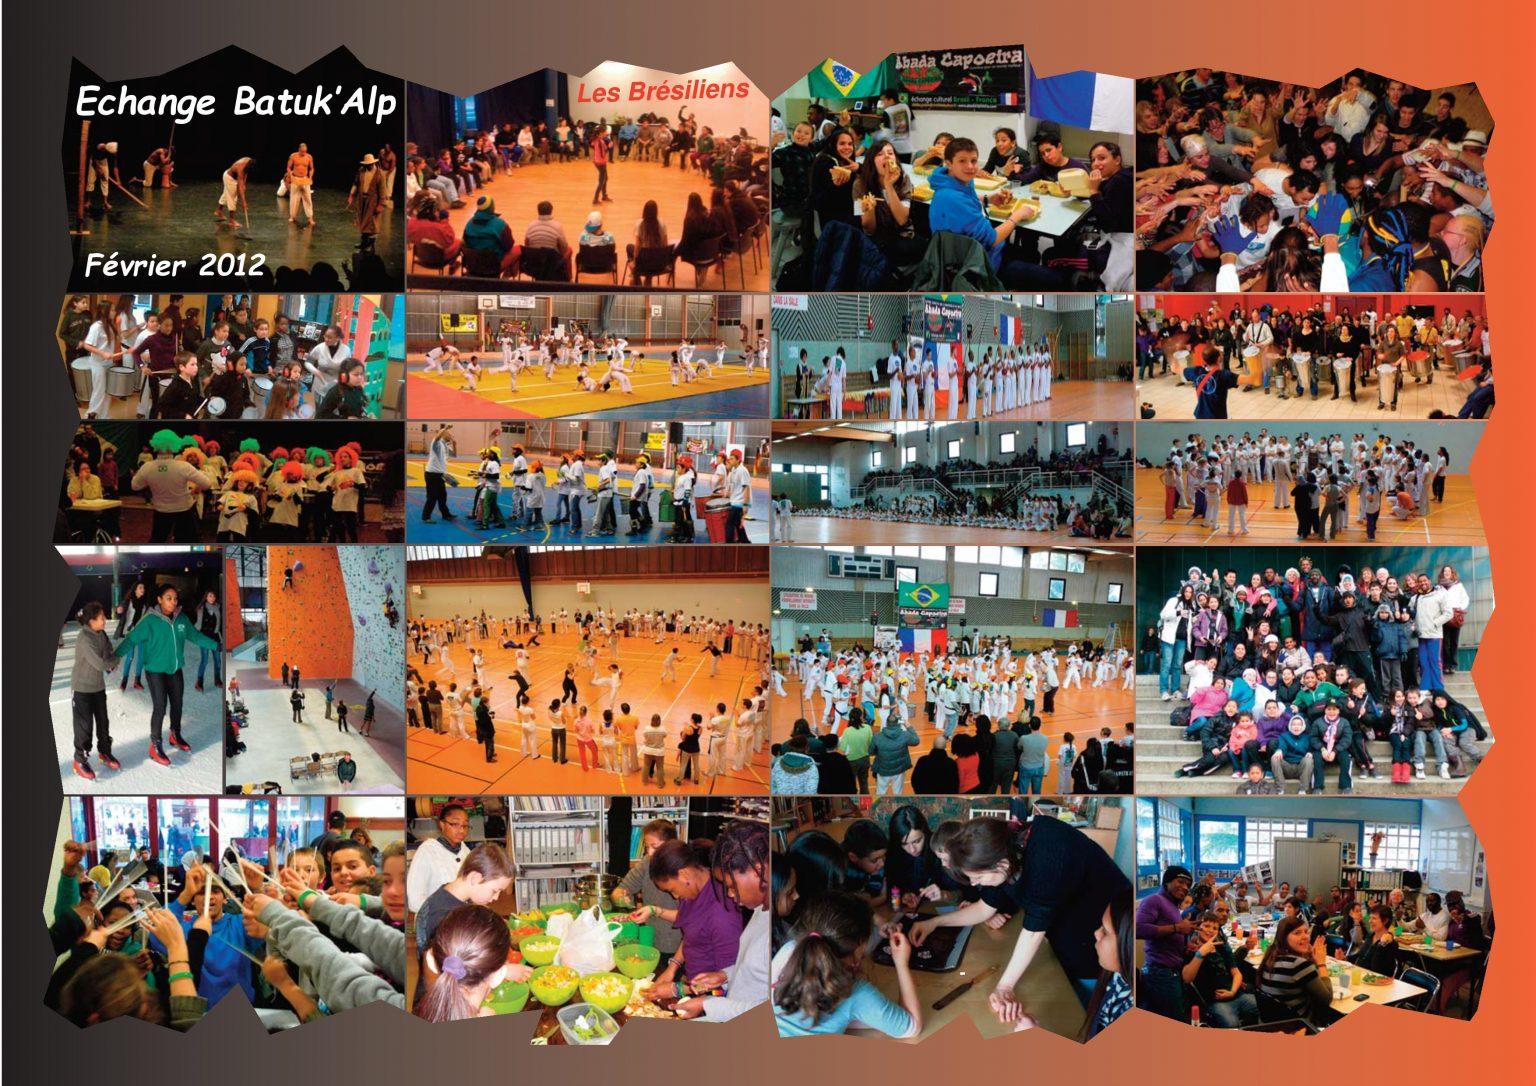 BatukaVI - Panneau Photos 2012-02 Echange Batuk'Alp - Les Brésiliens